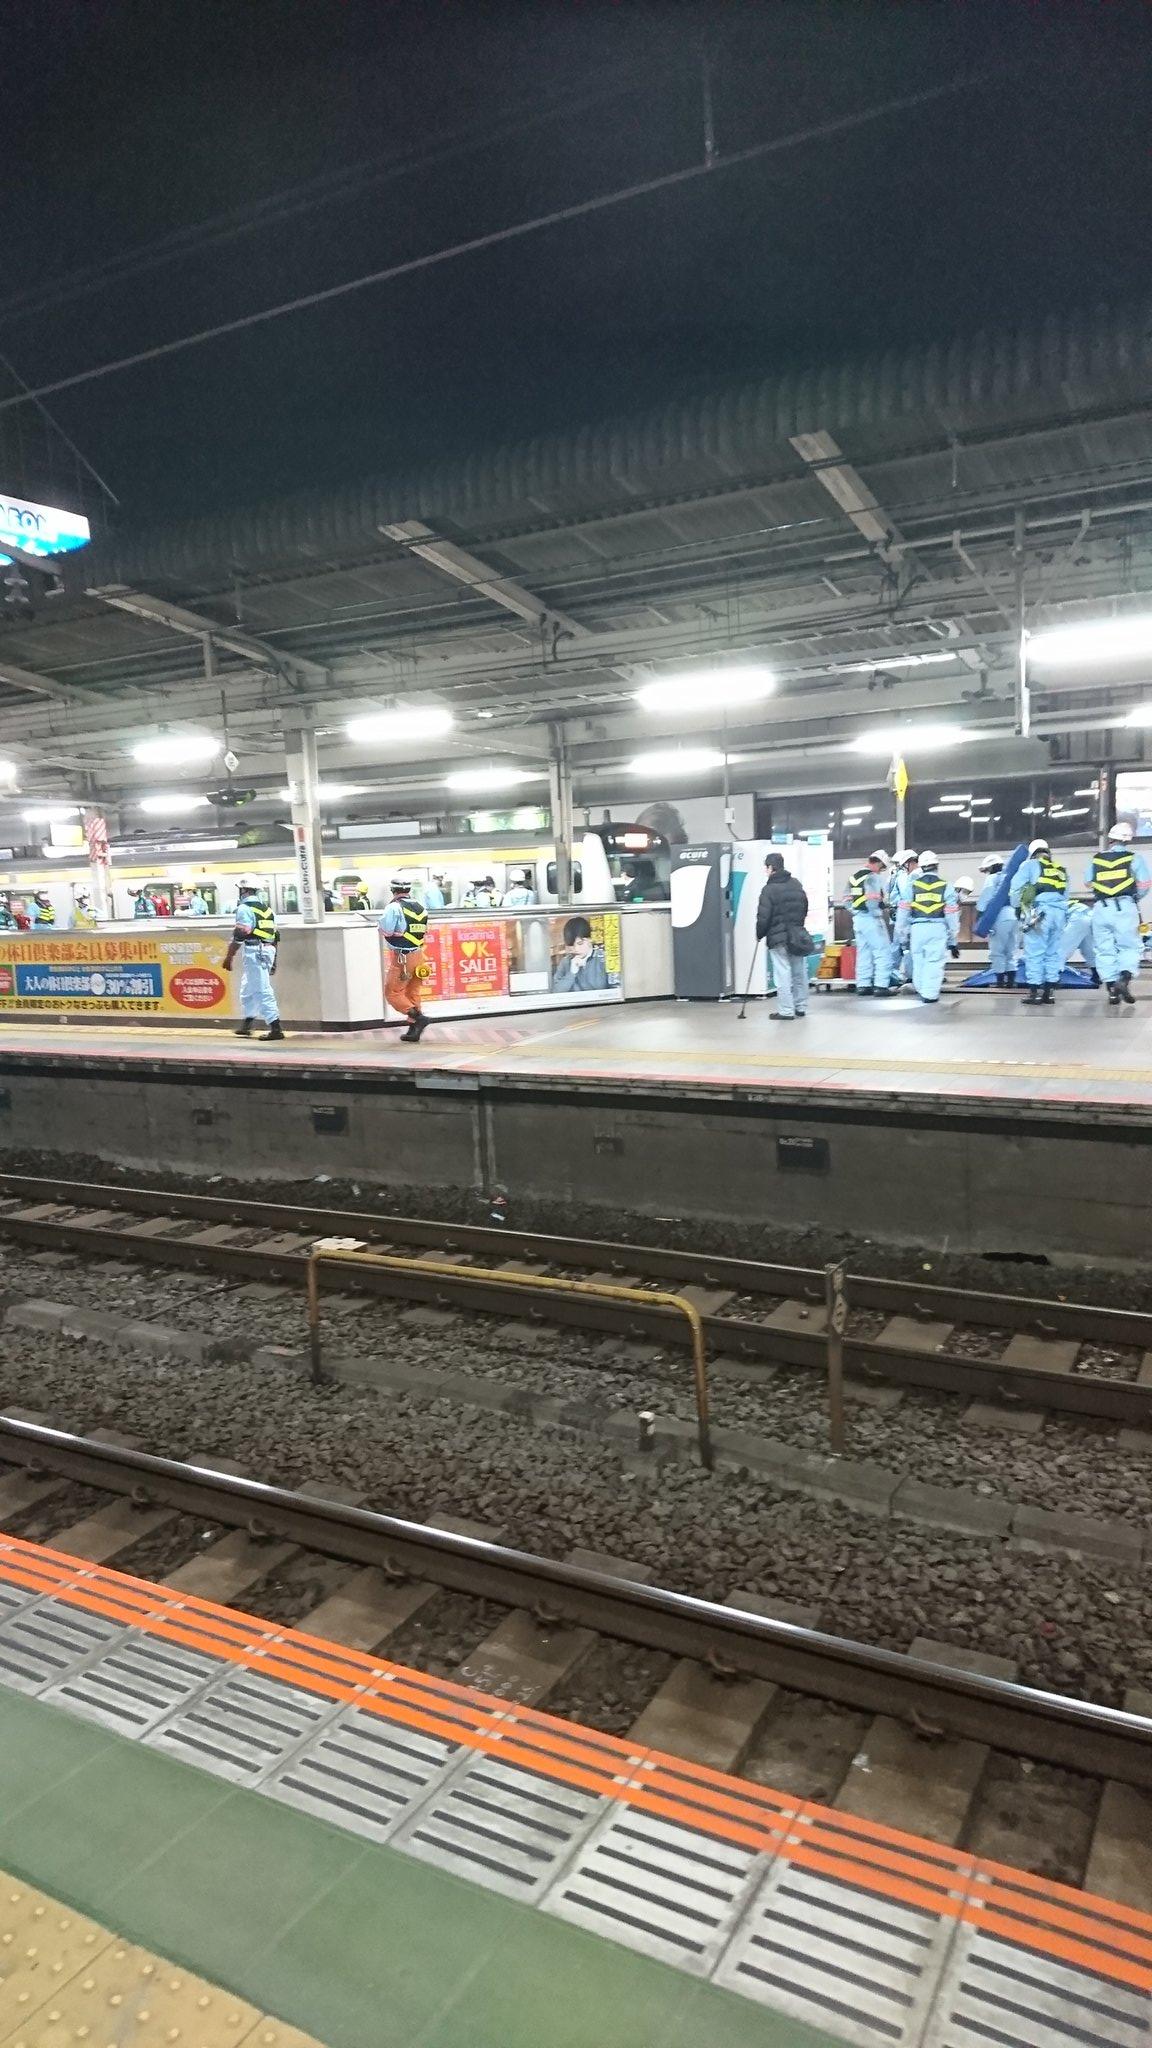 中央線の吉祥寺駅の人身事故現場の画像